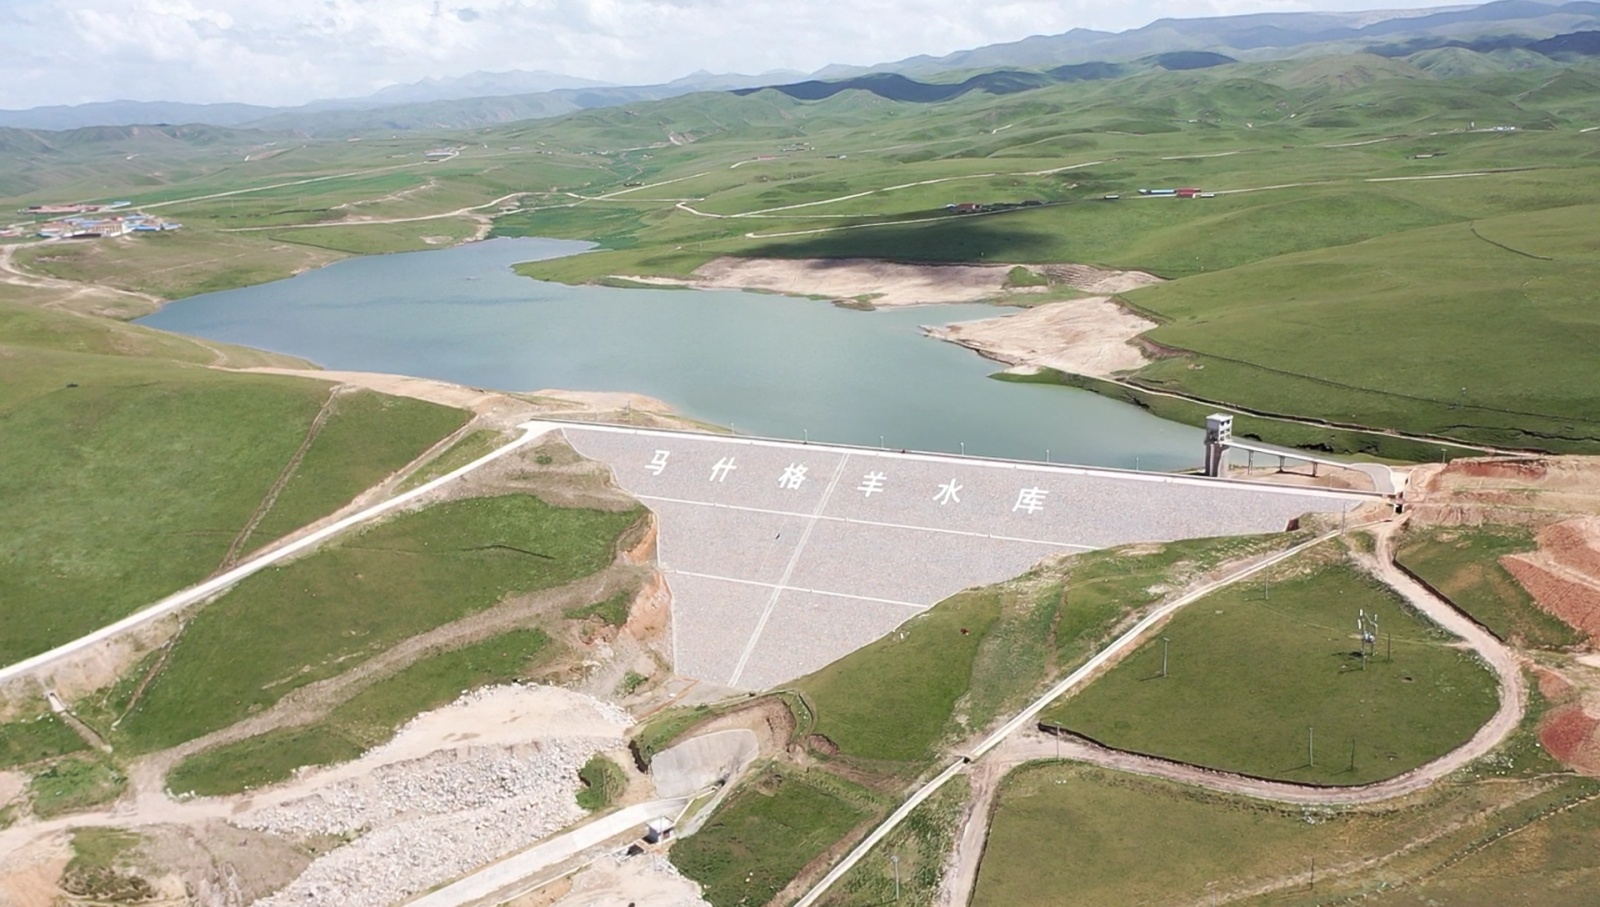 青海省贵德县开展水利扶贫 解决8.52万人饮水安全问题